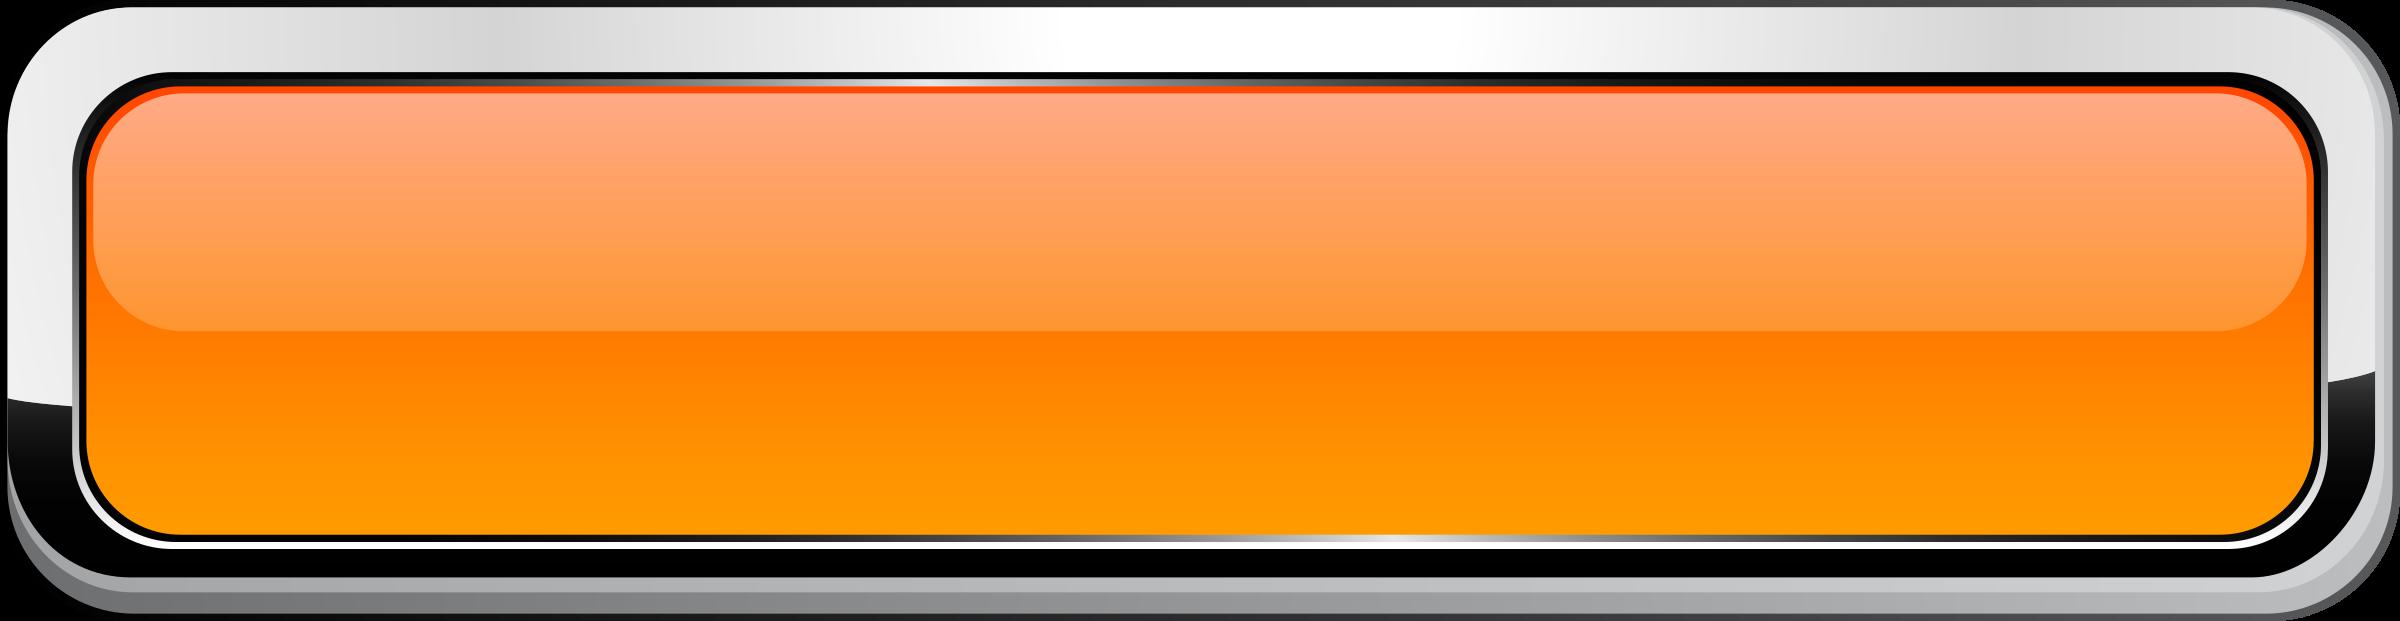 boton naranja